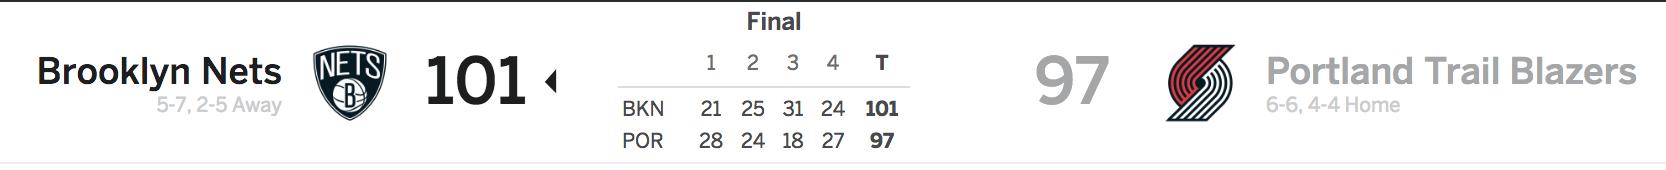 Nets vs Trail Blazers 11-10-17 Score